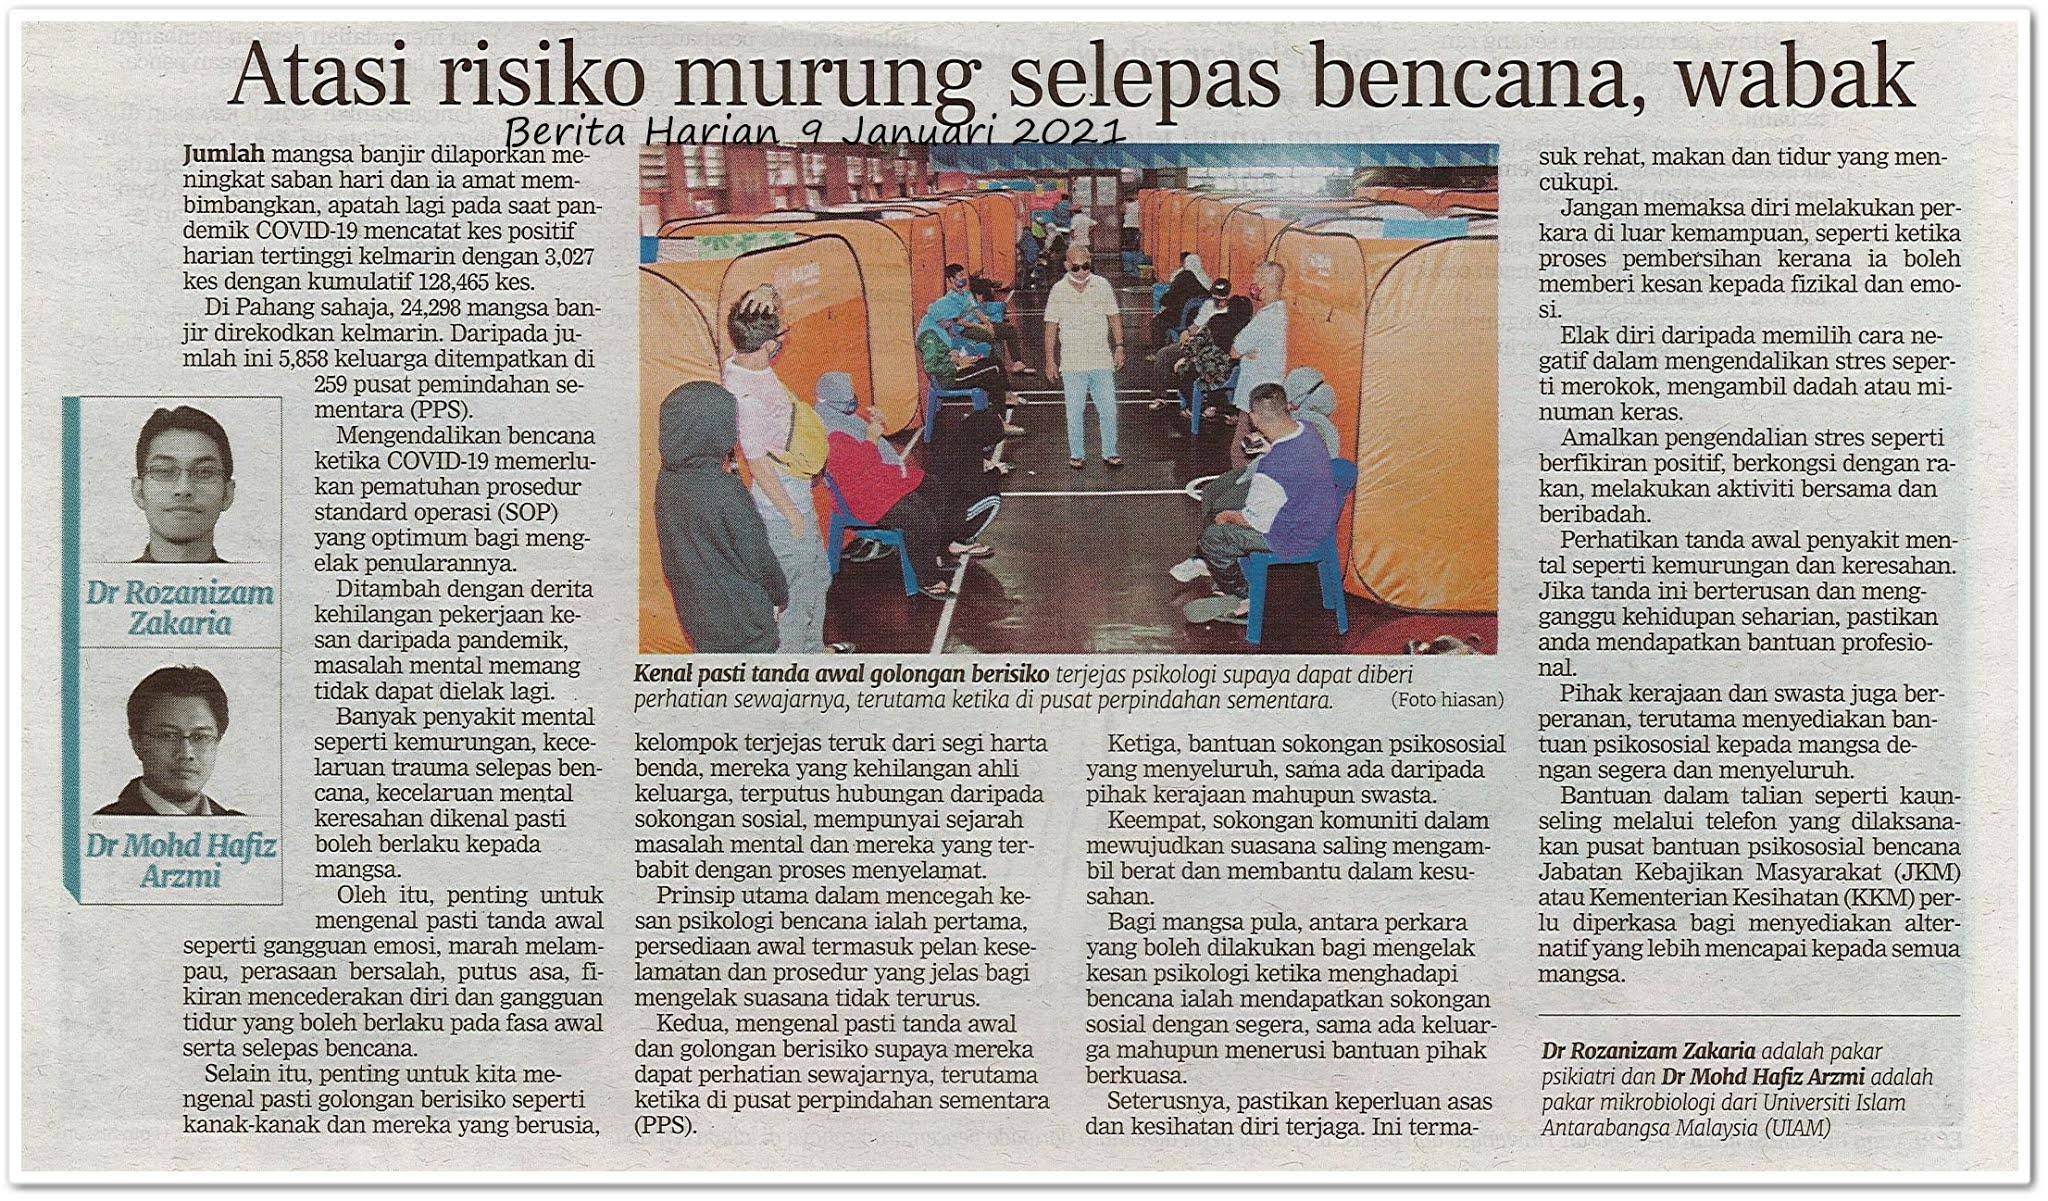 Atasi risiko murung selepas bencana, wabak - Keratan akhbar Berita Harian 9 Januari 2021